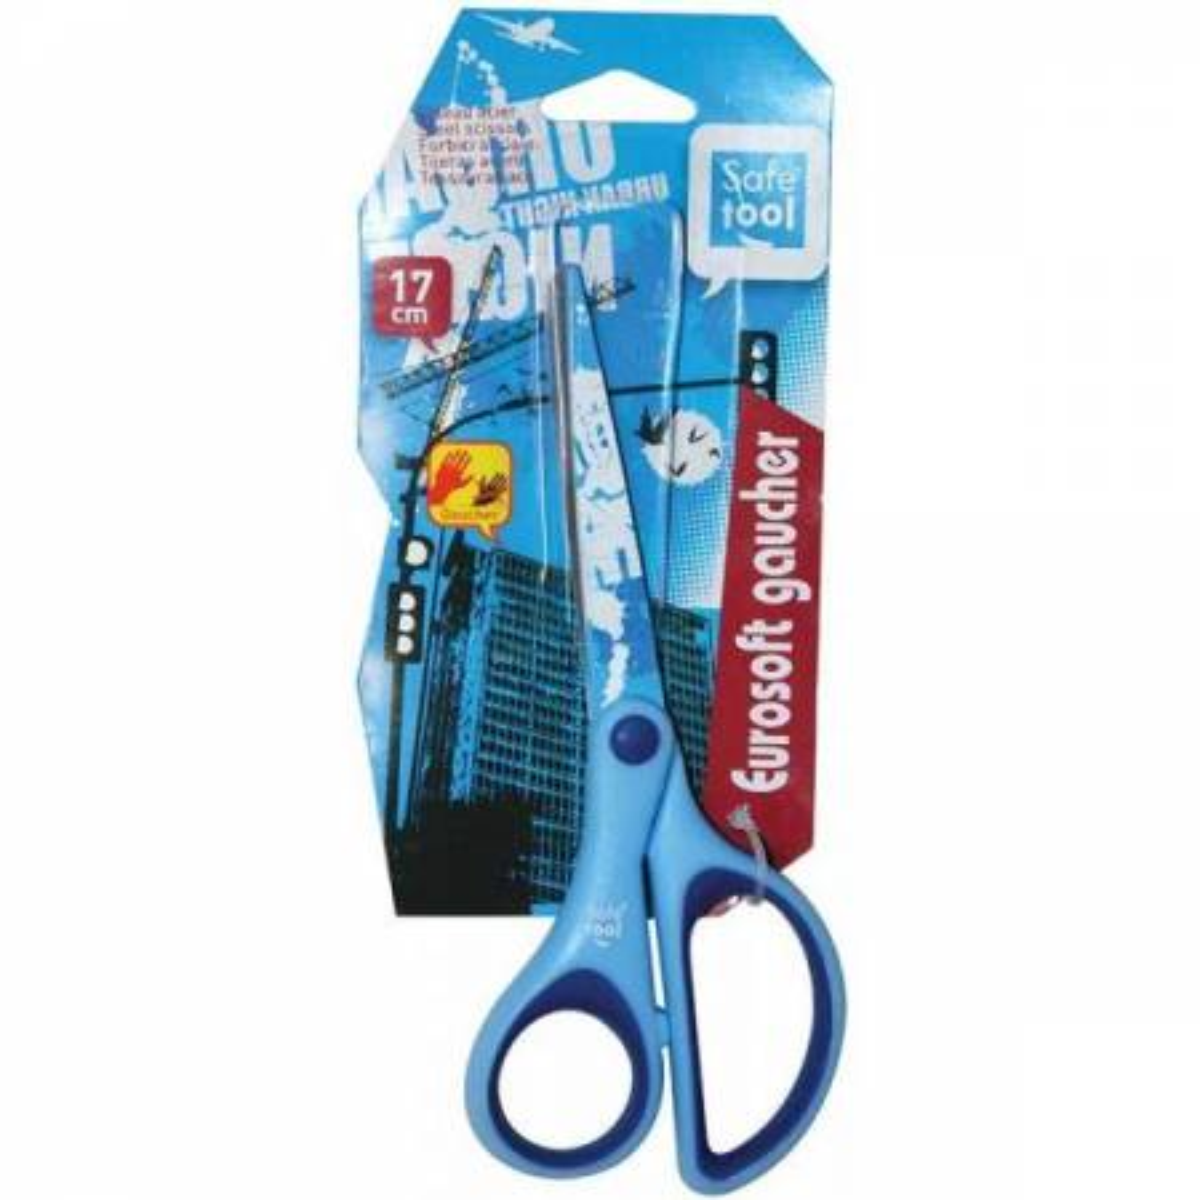 Safe Tool - Ciseaux Acier Eurosoft Gaucher 17 cm - 2 Coloris